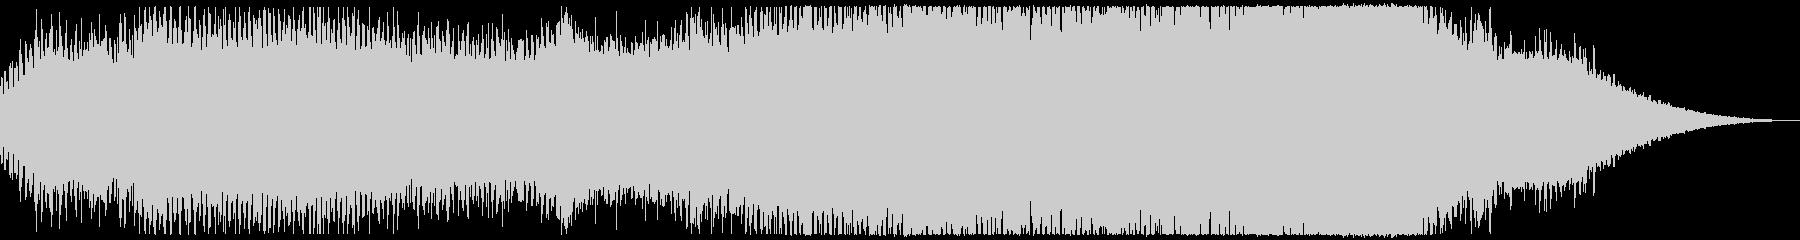 神秘的な感じのするアンビエントの未再生の波形